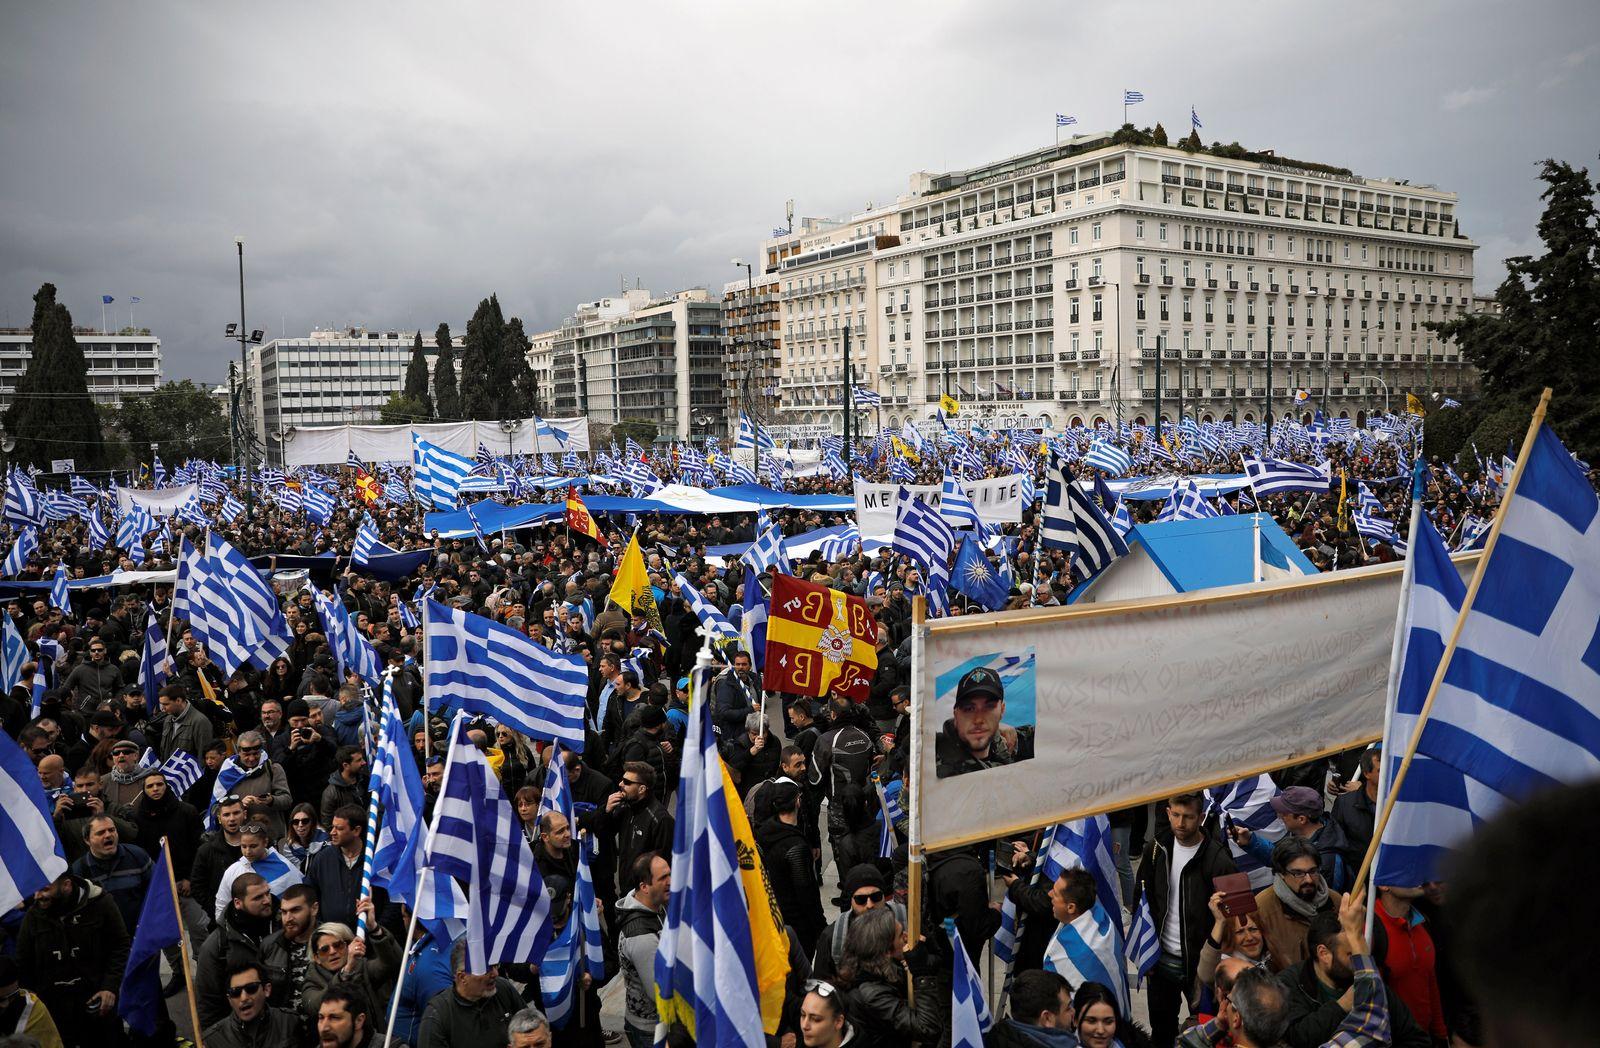 Athen/ Griechenland/ Demo/ Mazedonien